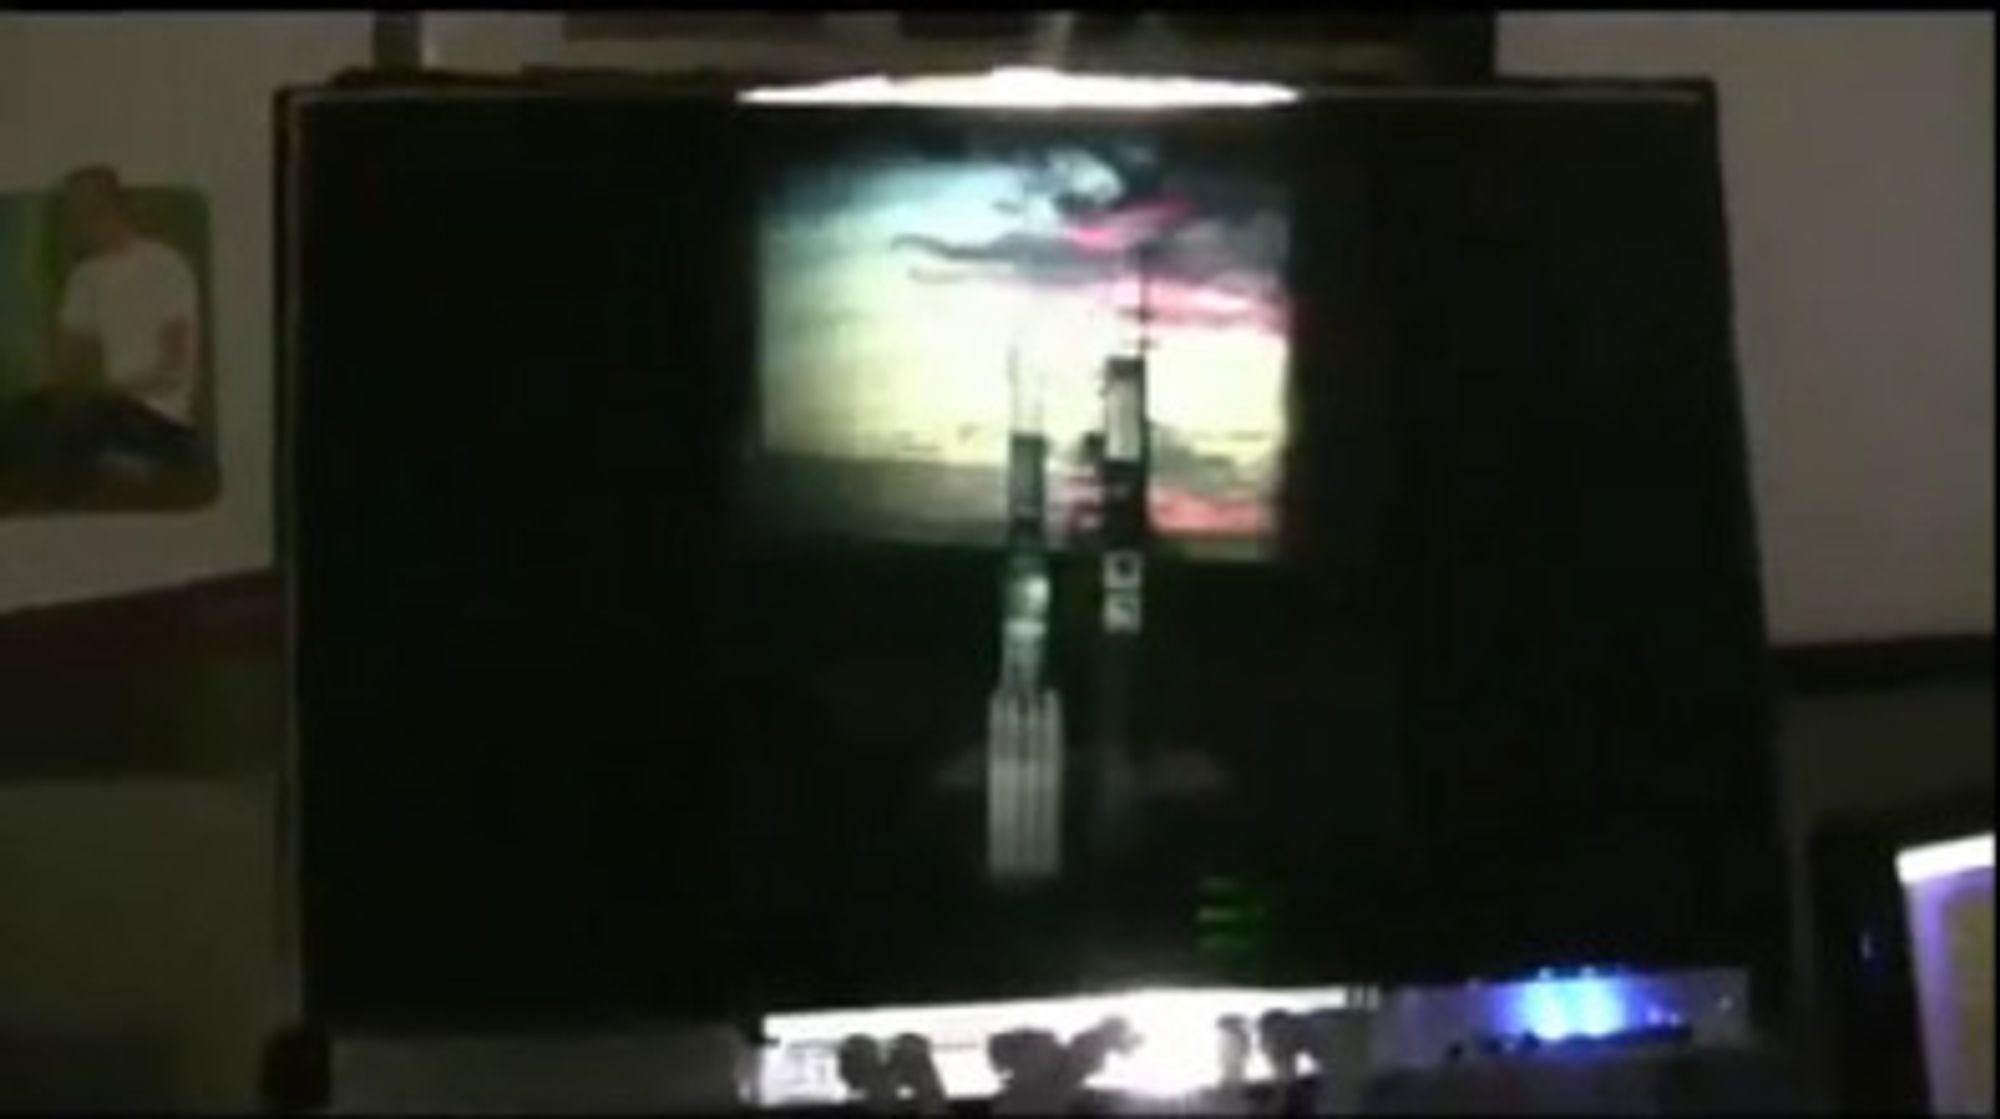 Demonstrasjonsvideoen avslører at bildet langt fra fyller hele skjermens bredde.